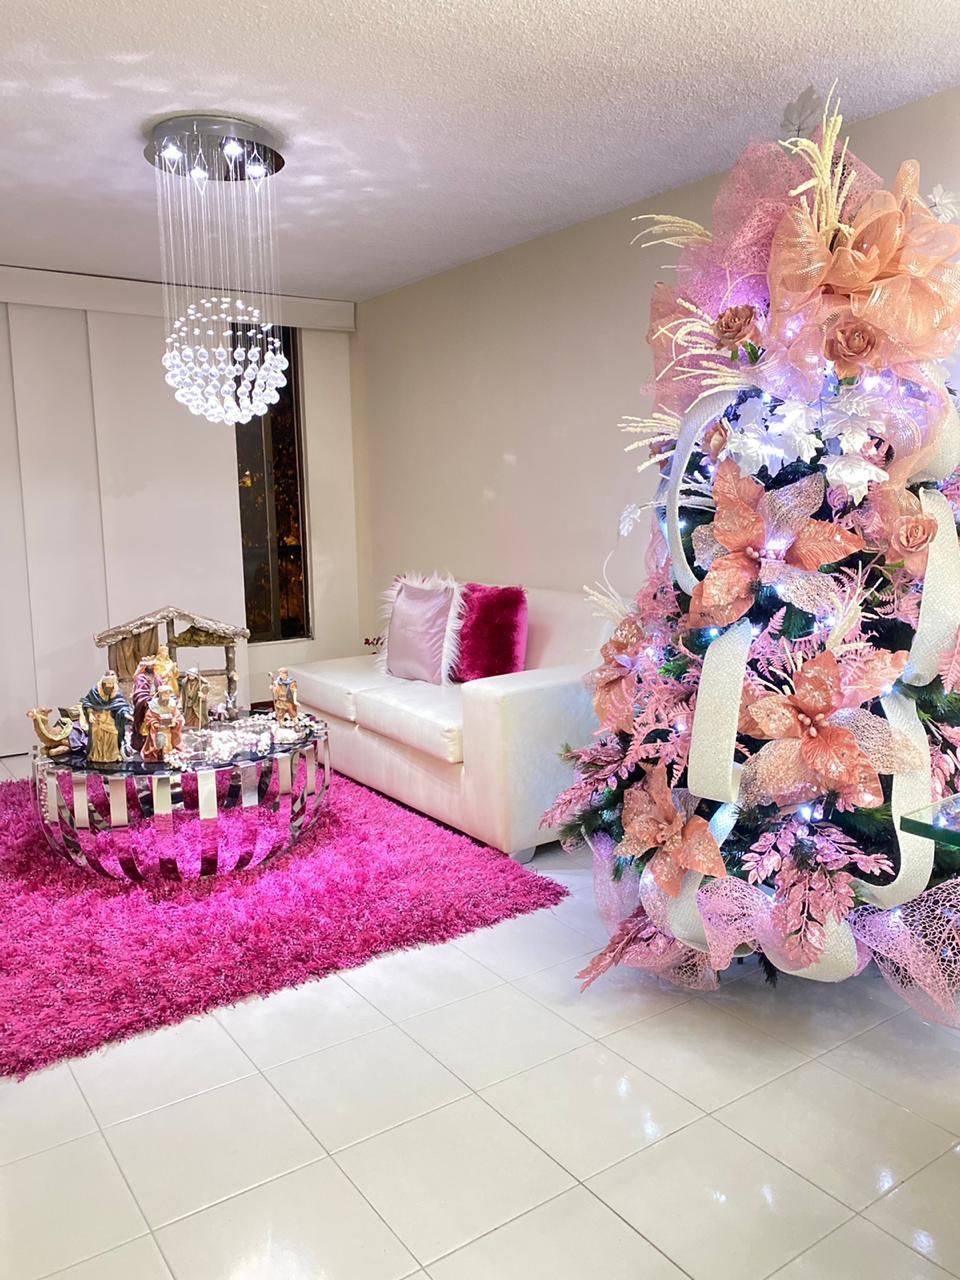 Tendencias en decoración Navideña 2020 ¡Que la pandemia no apague la magia de la decoración en su hogar!